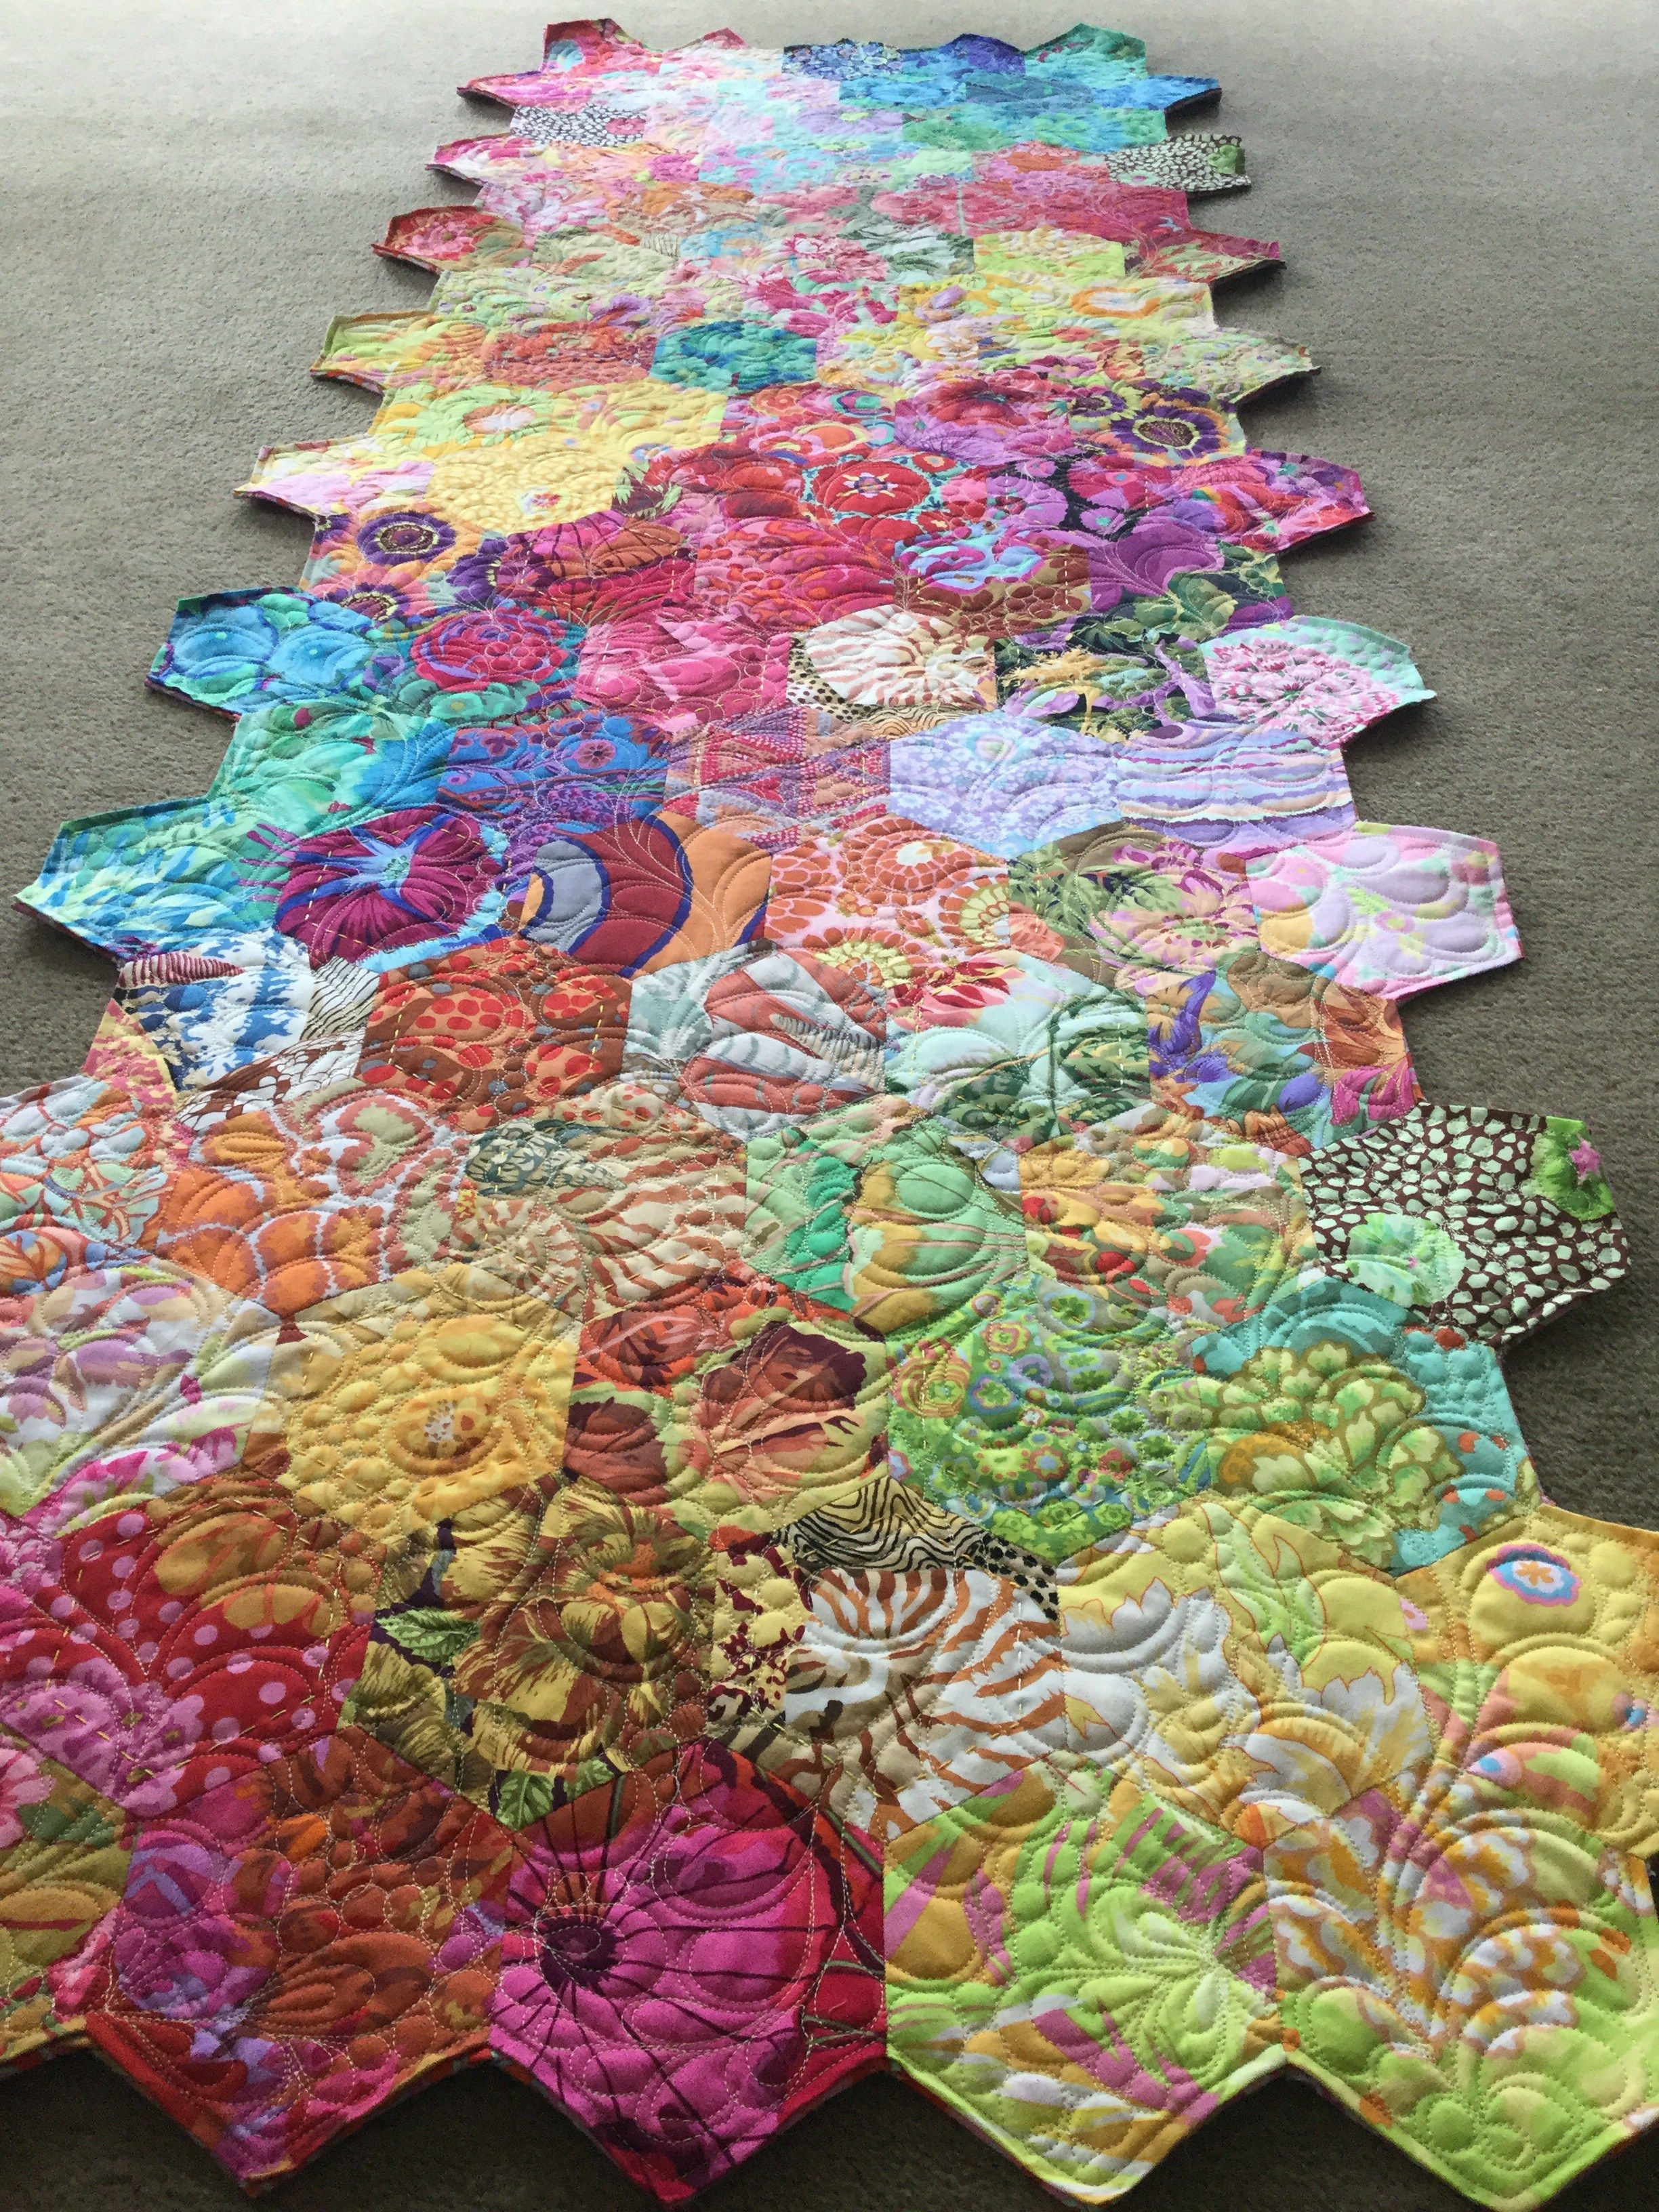 Epp kaffe fassett hexagons paper pieced quilt patterns